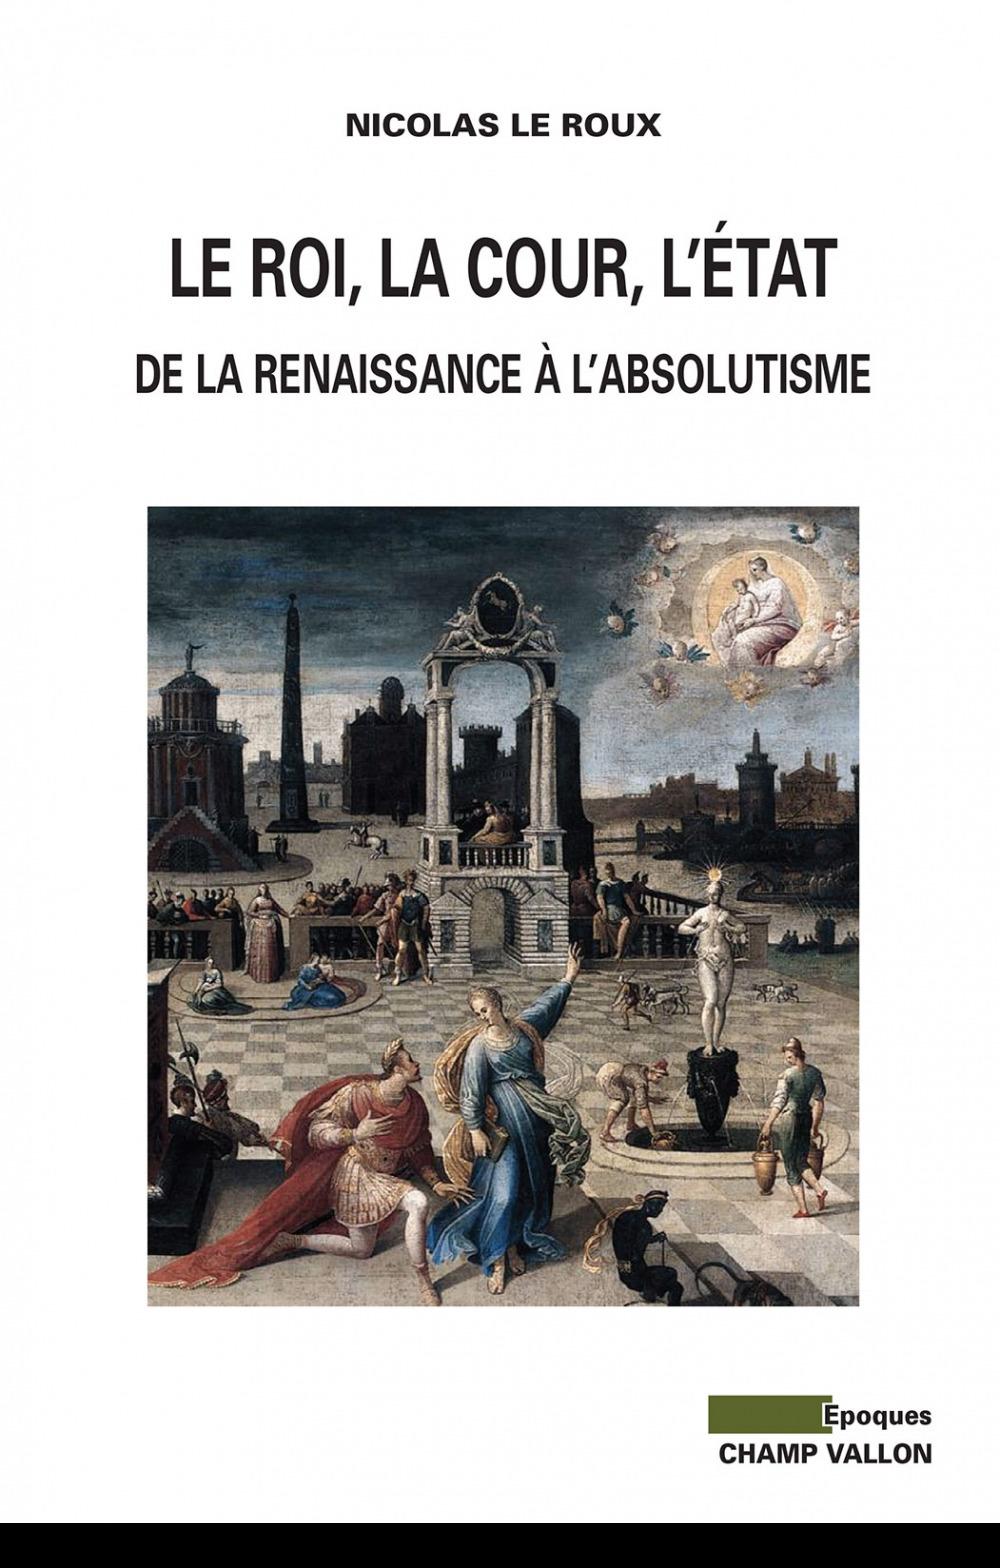 Le roi, la cour, l'Etat ; de la Renaissance à l'absolutisme